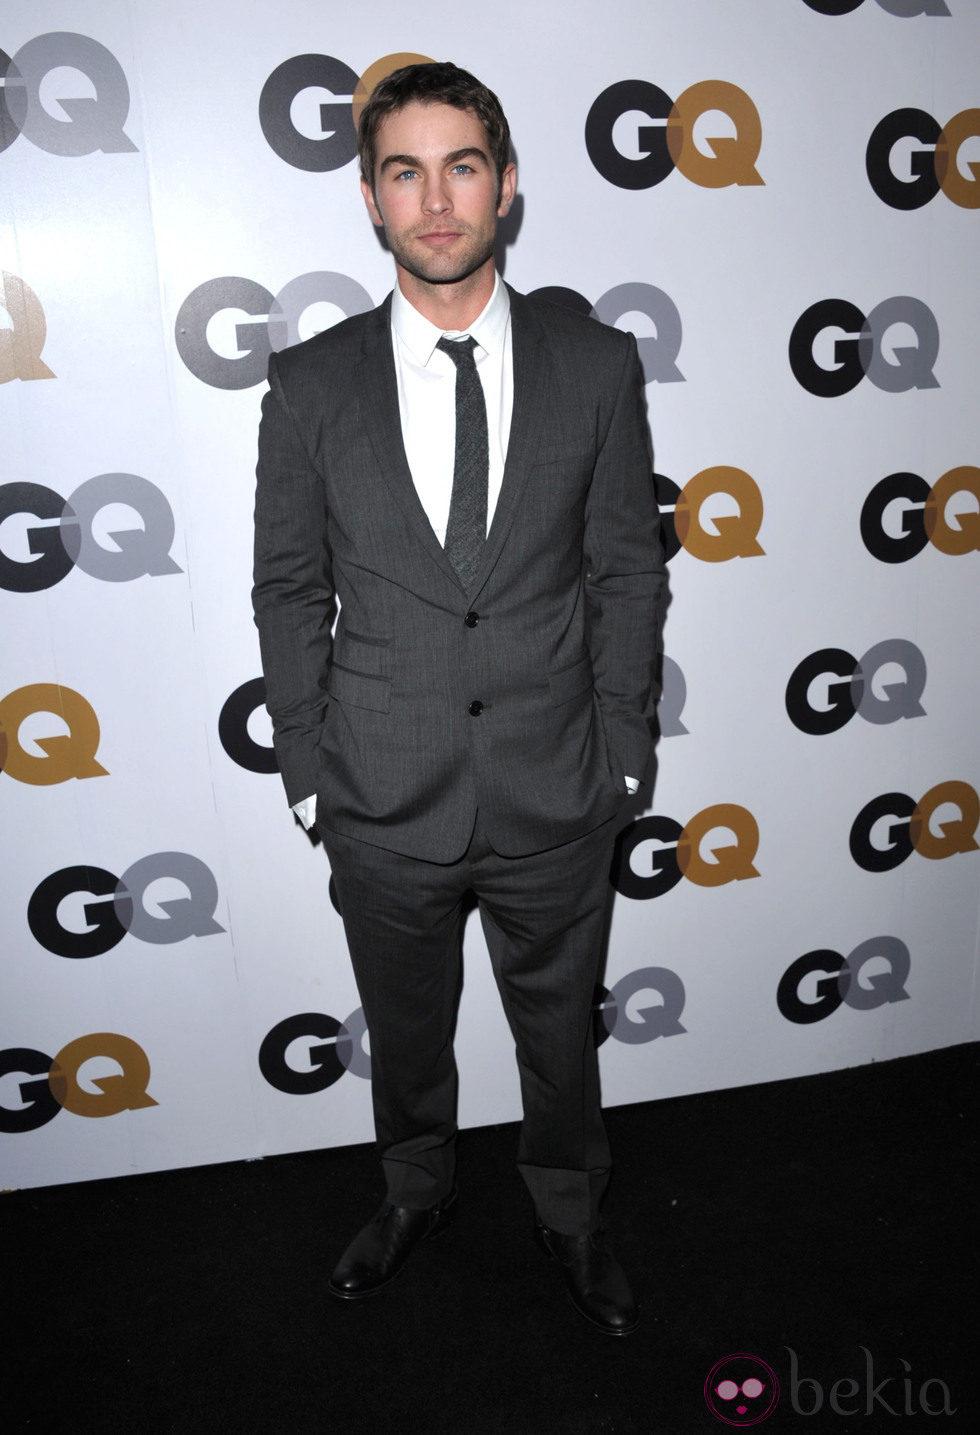 Chace Crawford en la fiesta GQ Hombres del Año en Los Angeles